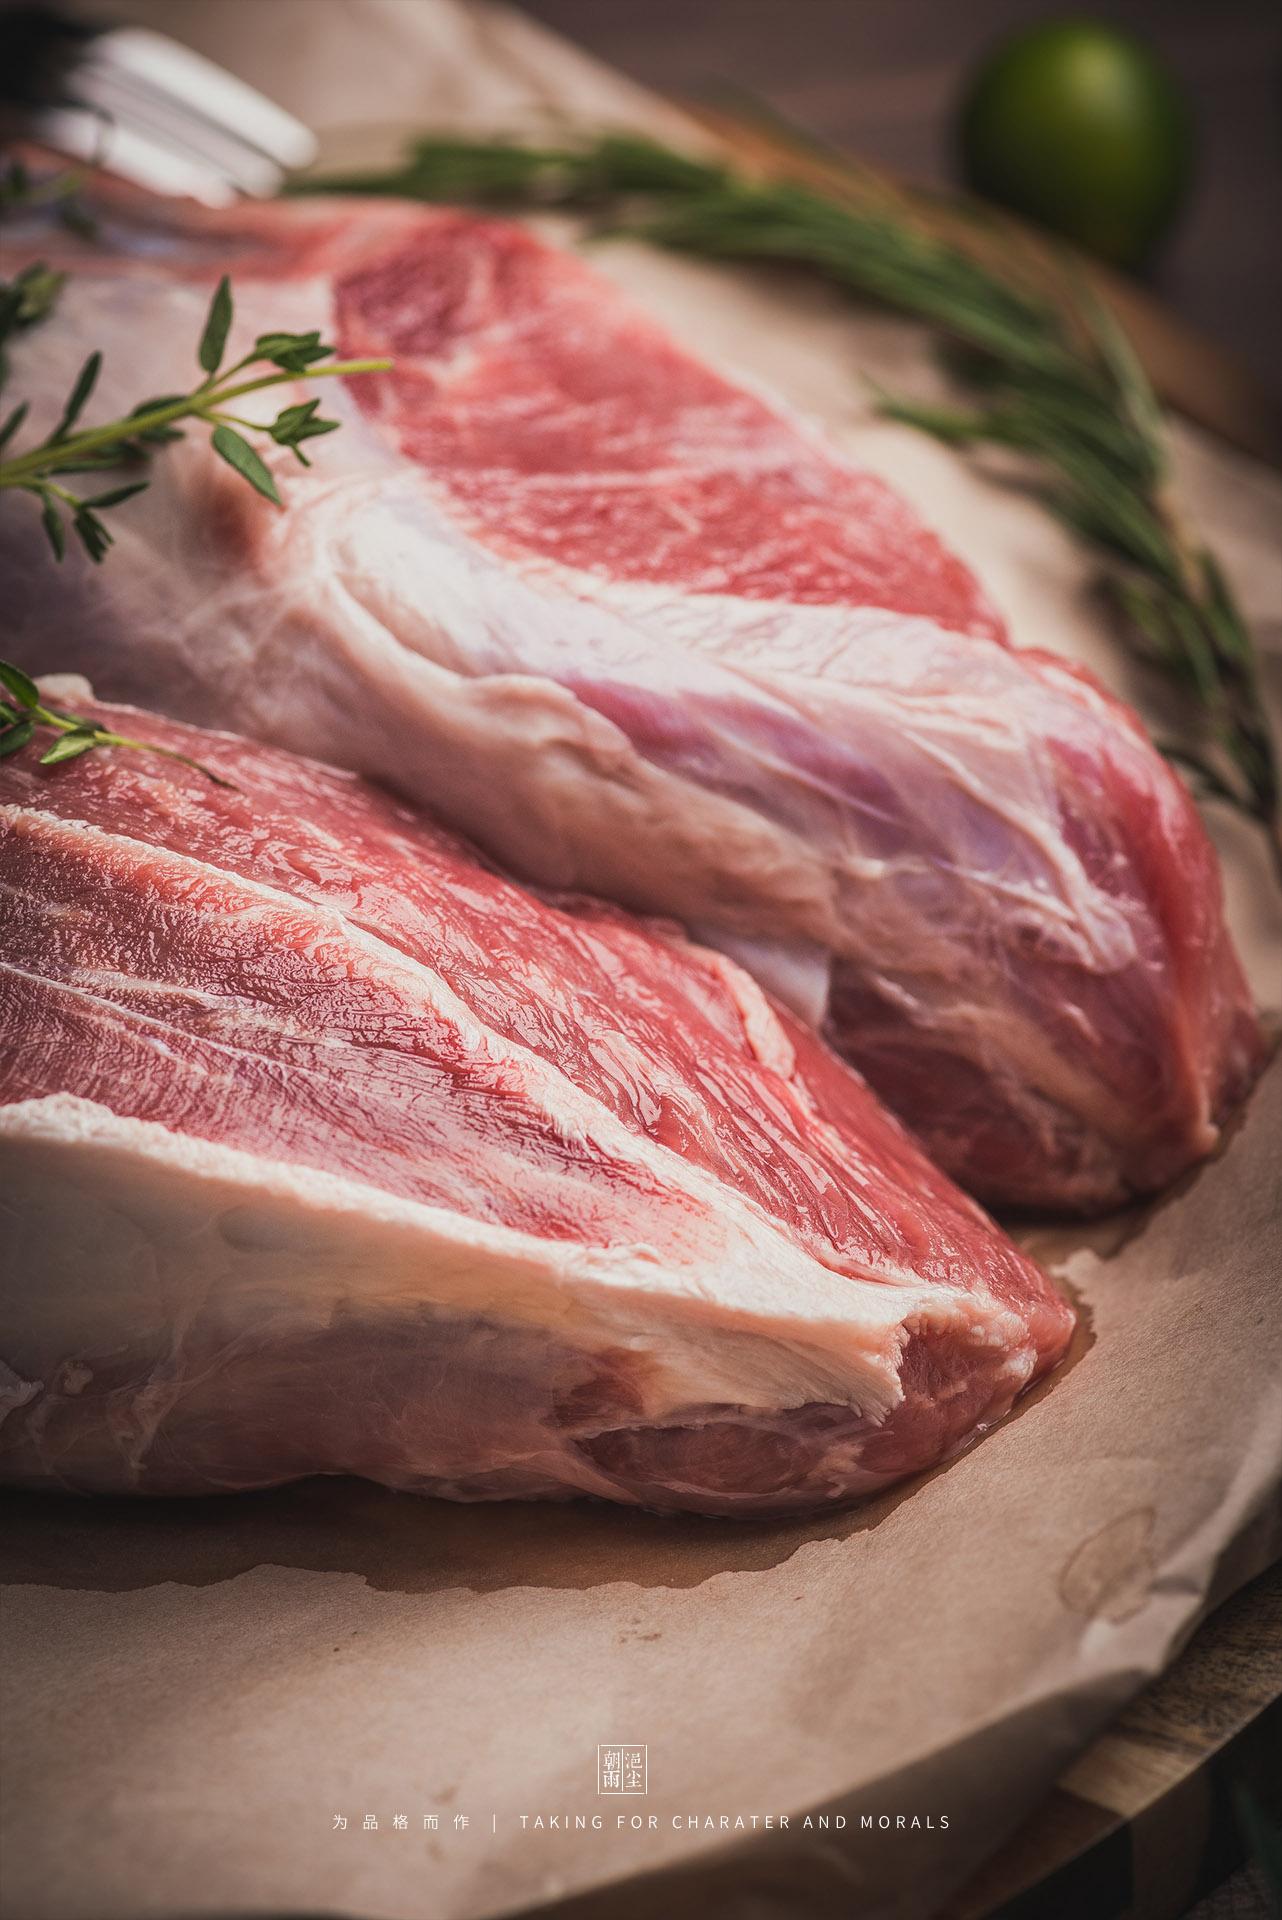 004-食品摄影-牛肉2